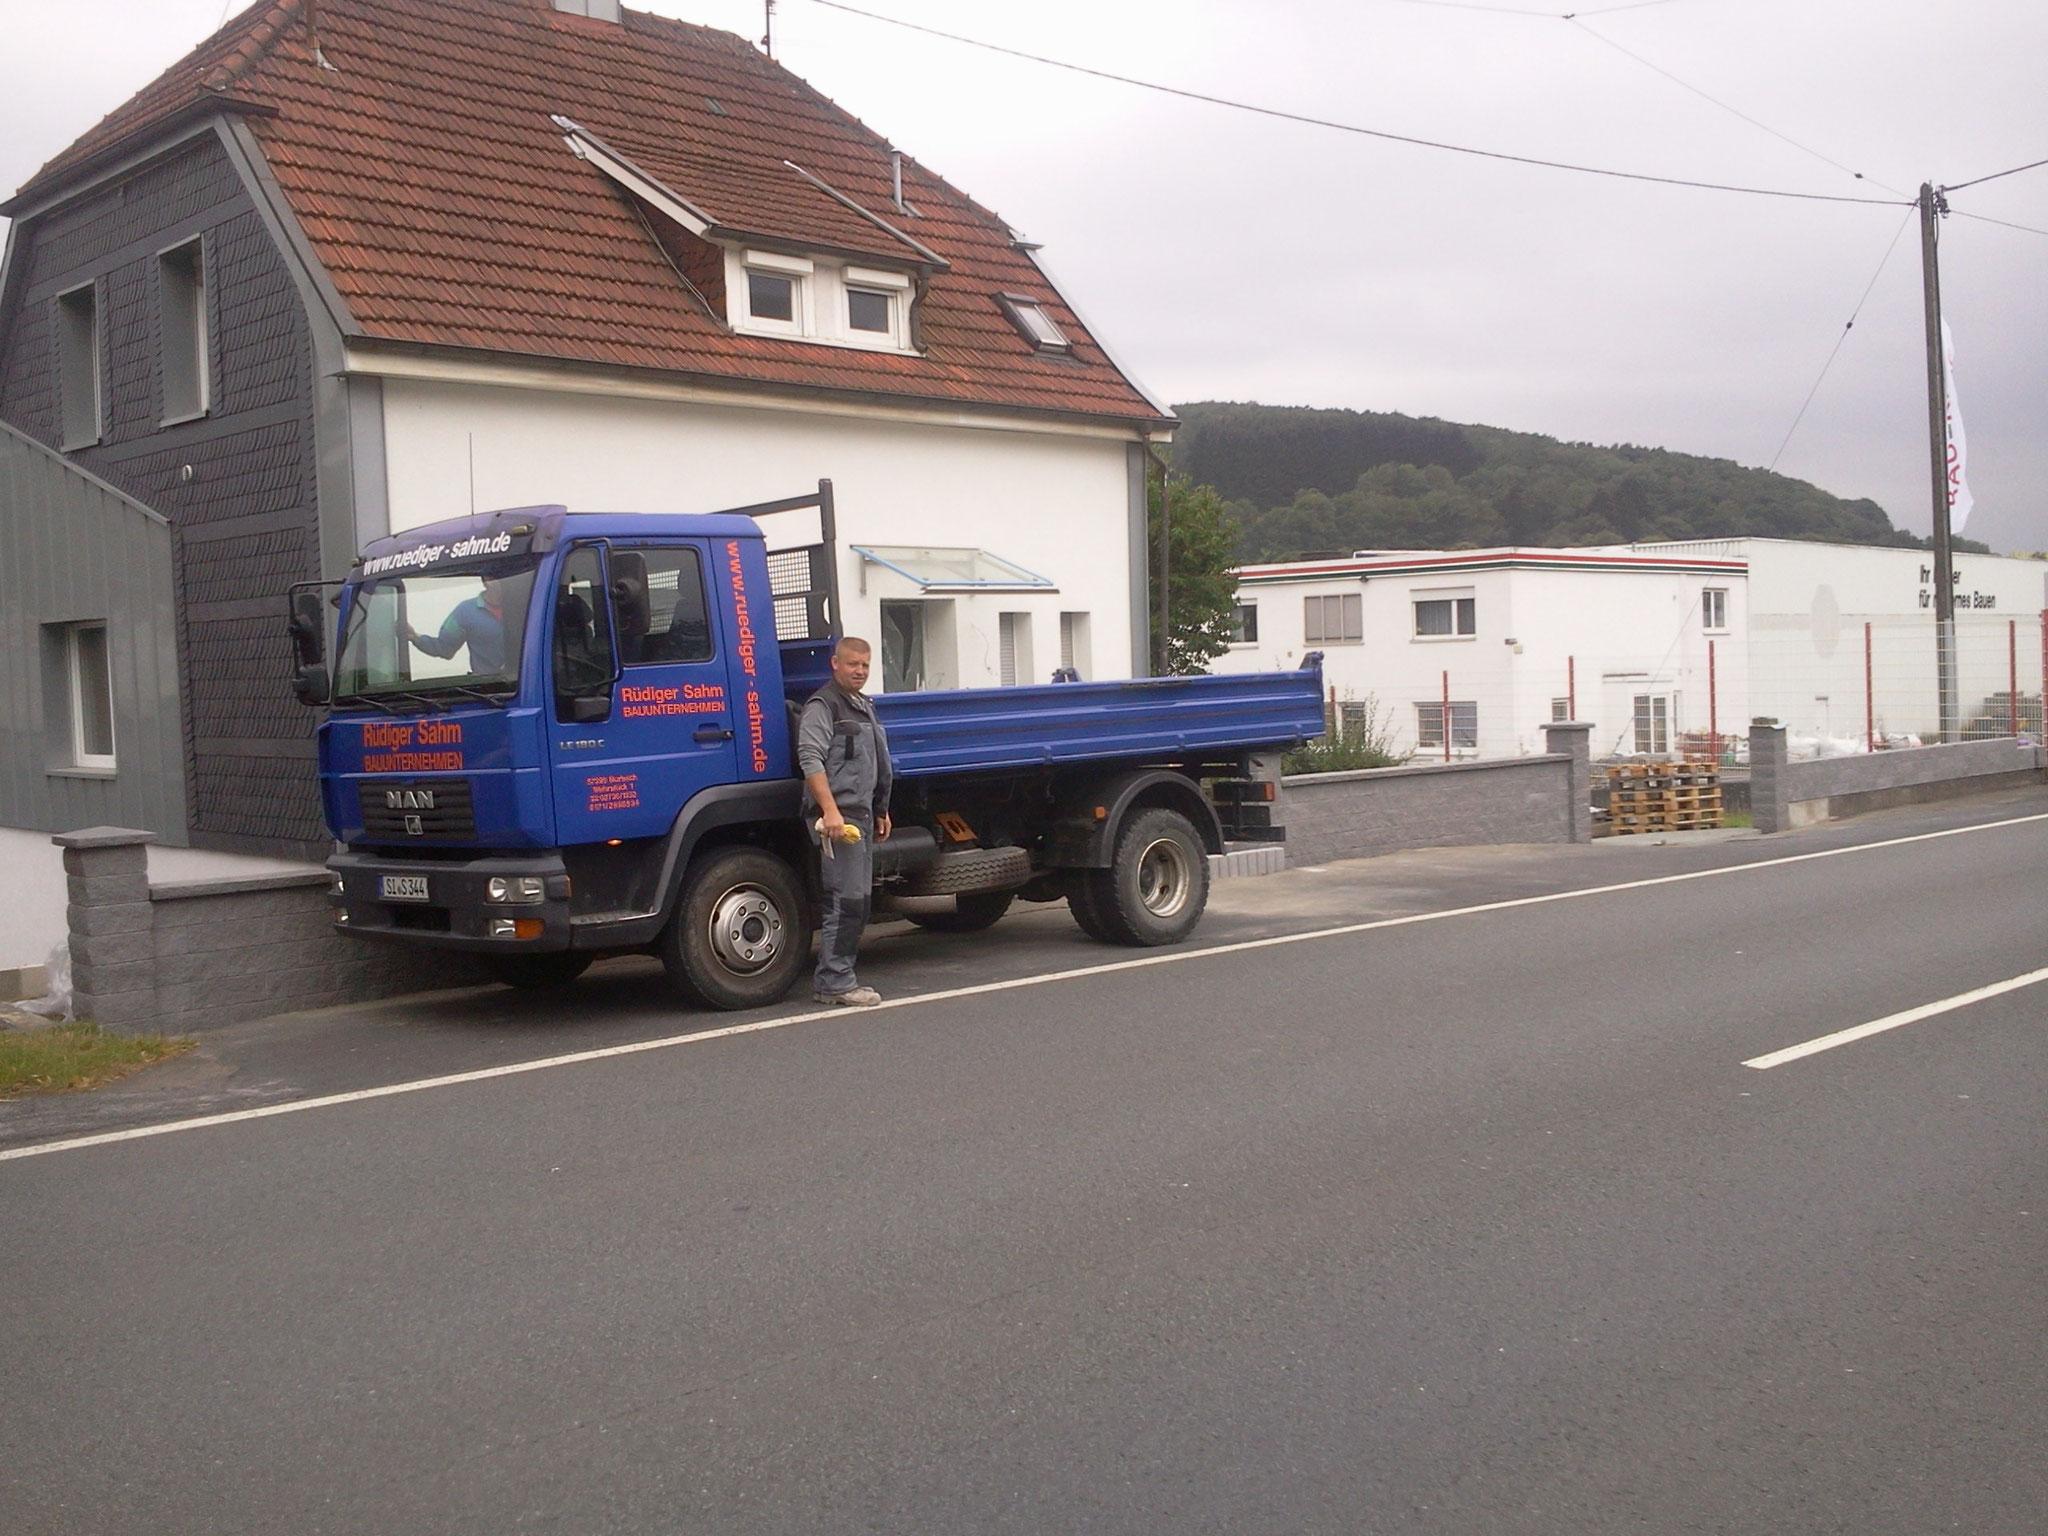 Grundst ckmauern in burbach siegen haiger dillenburg erfahrener meisterbetrieb - Fliesen dillenburg ...